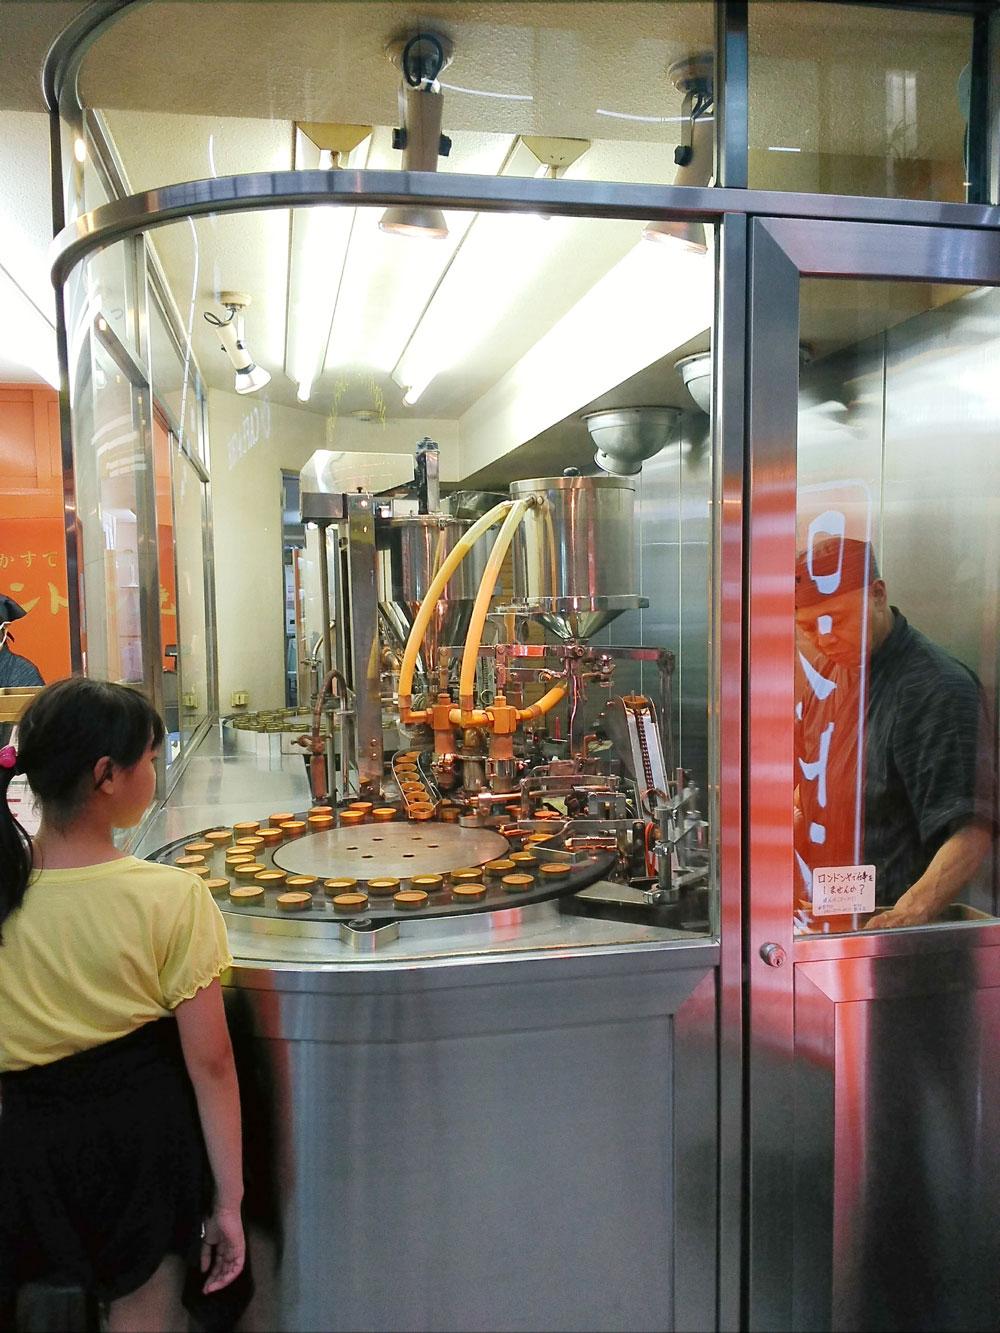 ガラス張りの工房の中にある機械